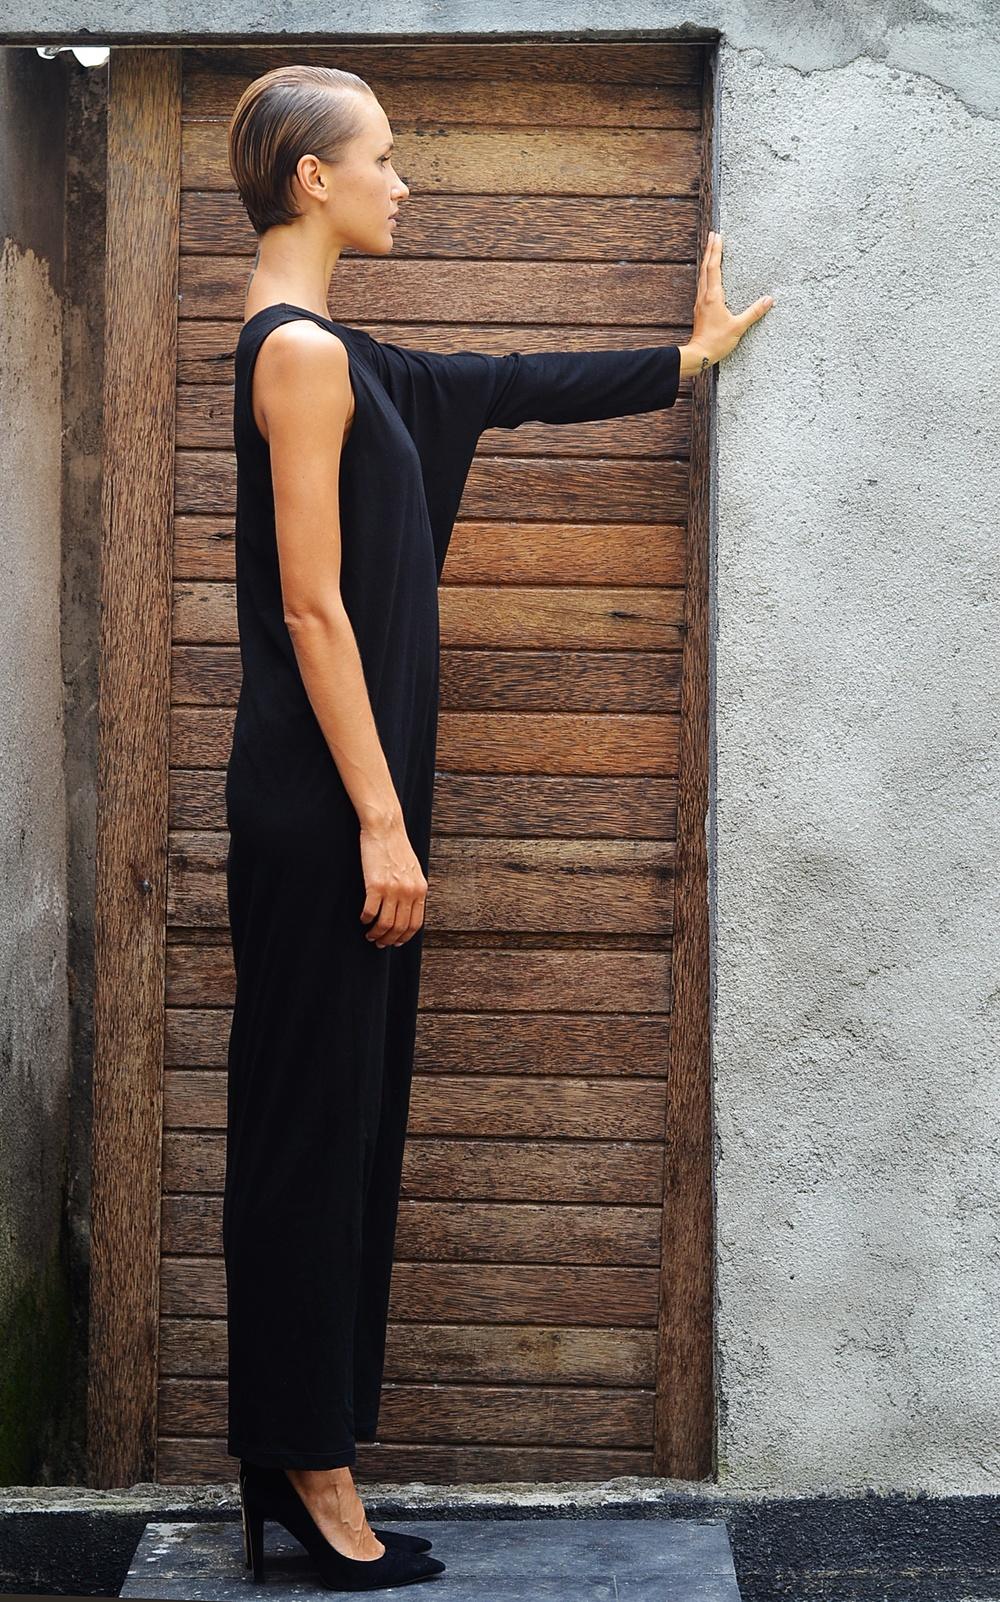 Sarah Pieroz BLKHRT8.jpg